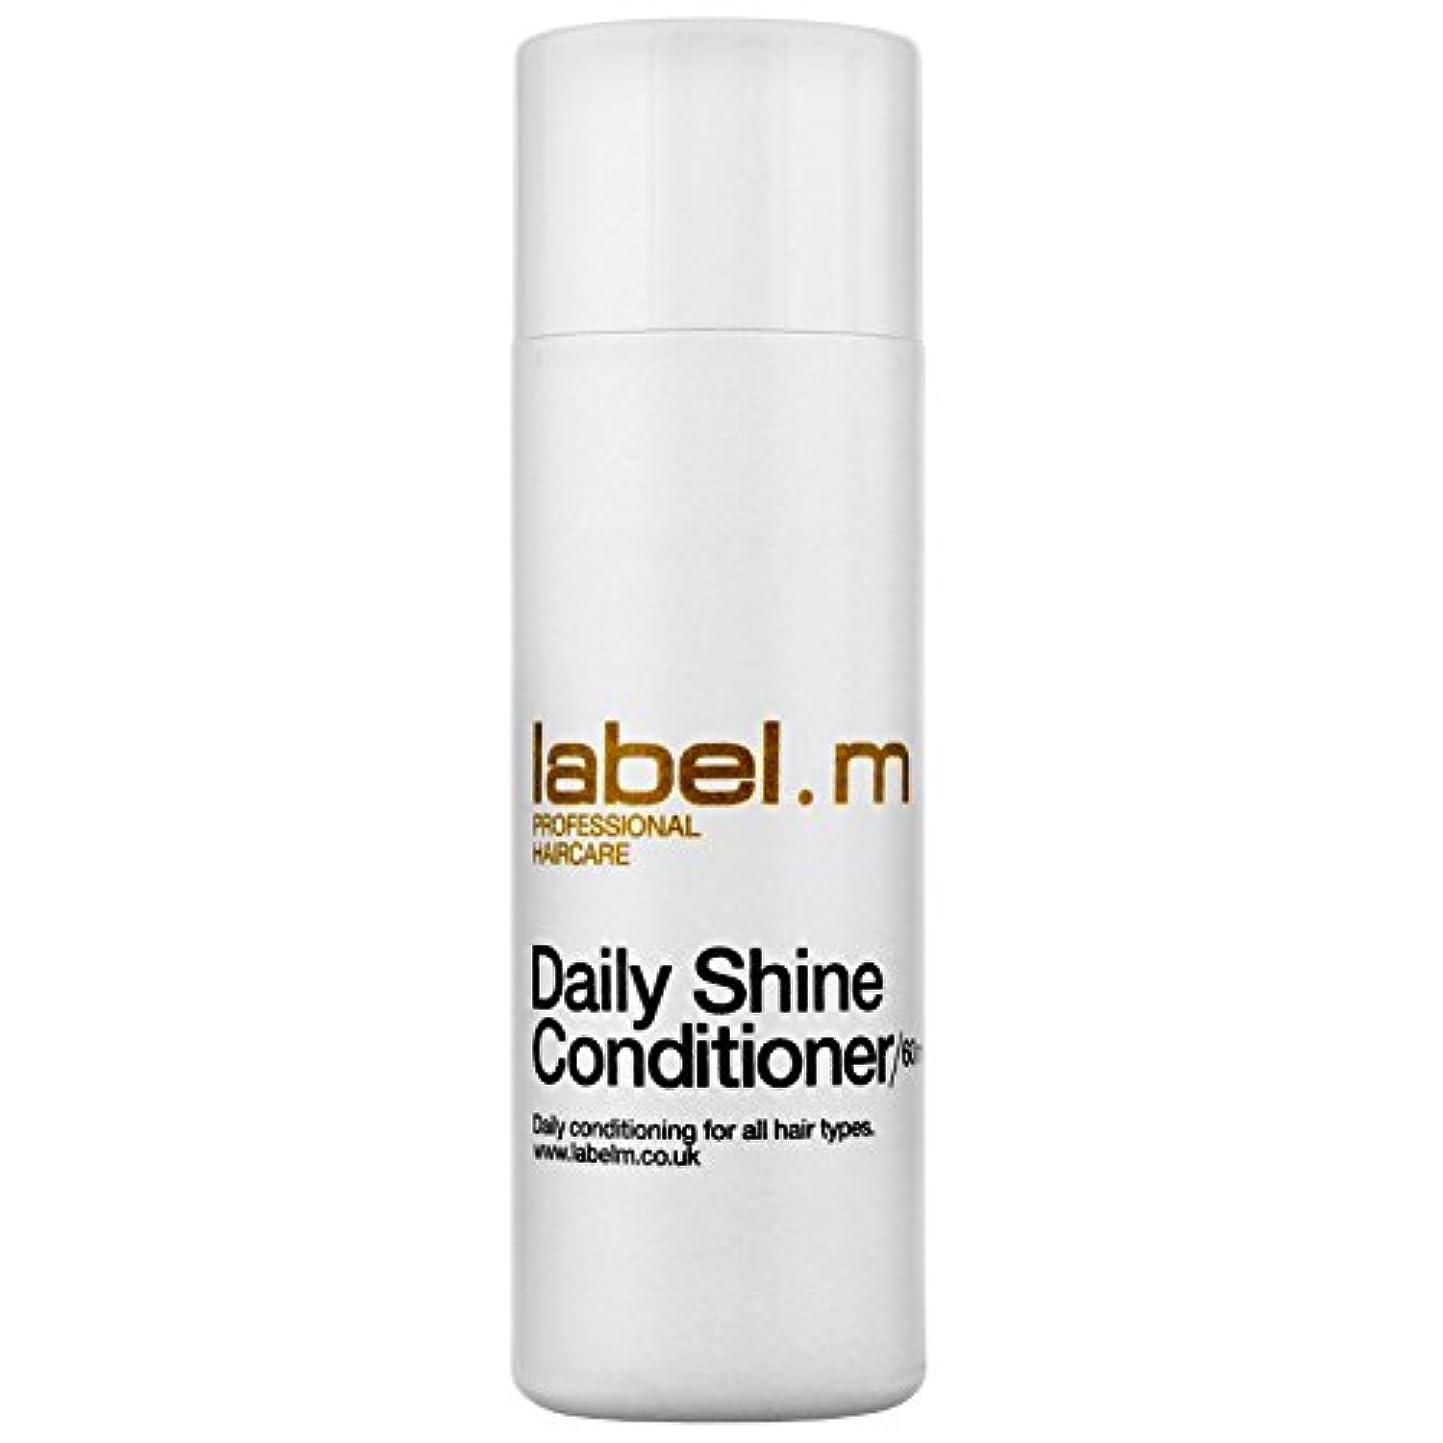 Label.M Professional Haircare ラベルMデイリーシャインコンディショナー60ミリリットルによって条件